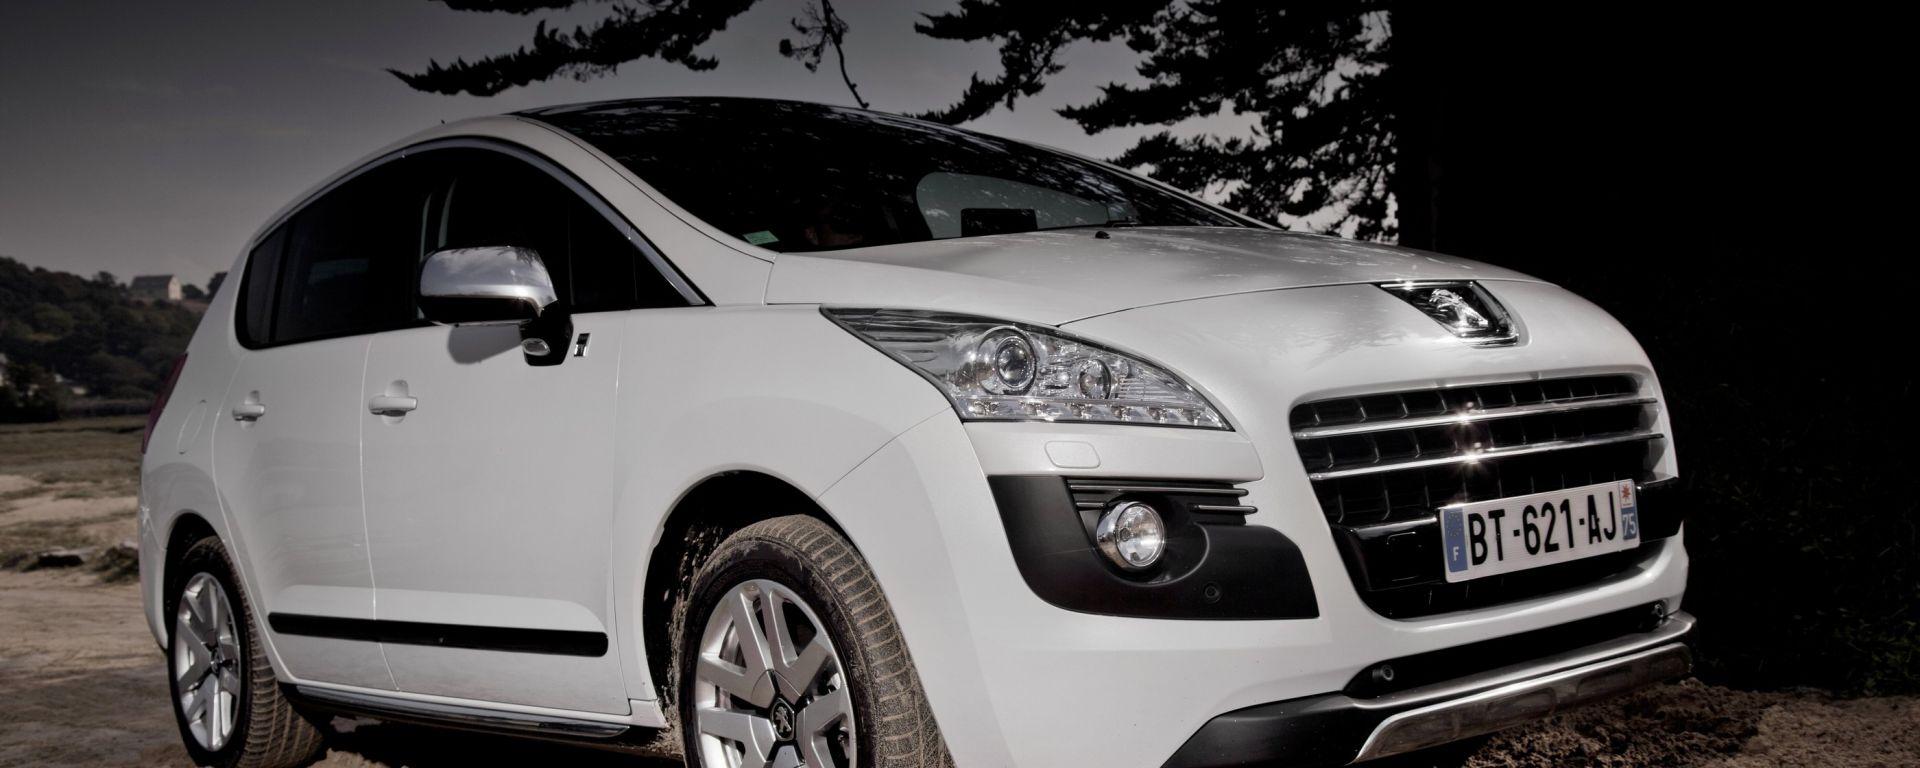 Peugeot 3008 Hybrid4: emissioni a 91 g/km